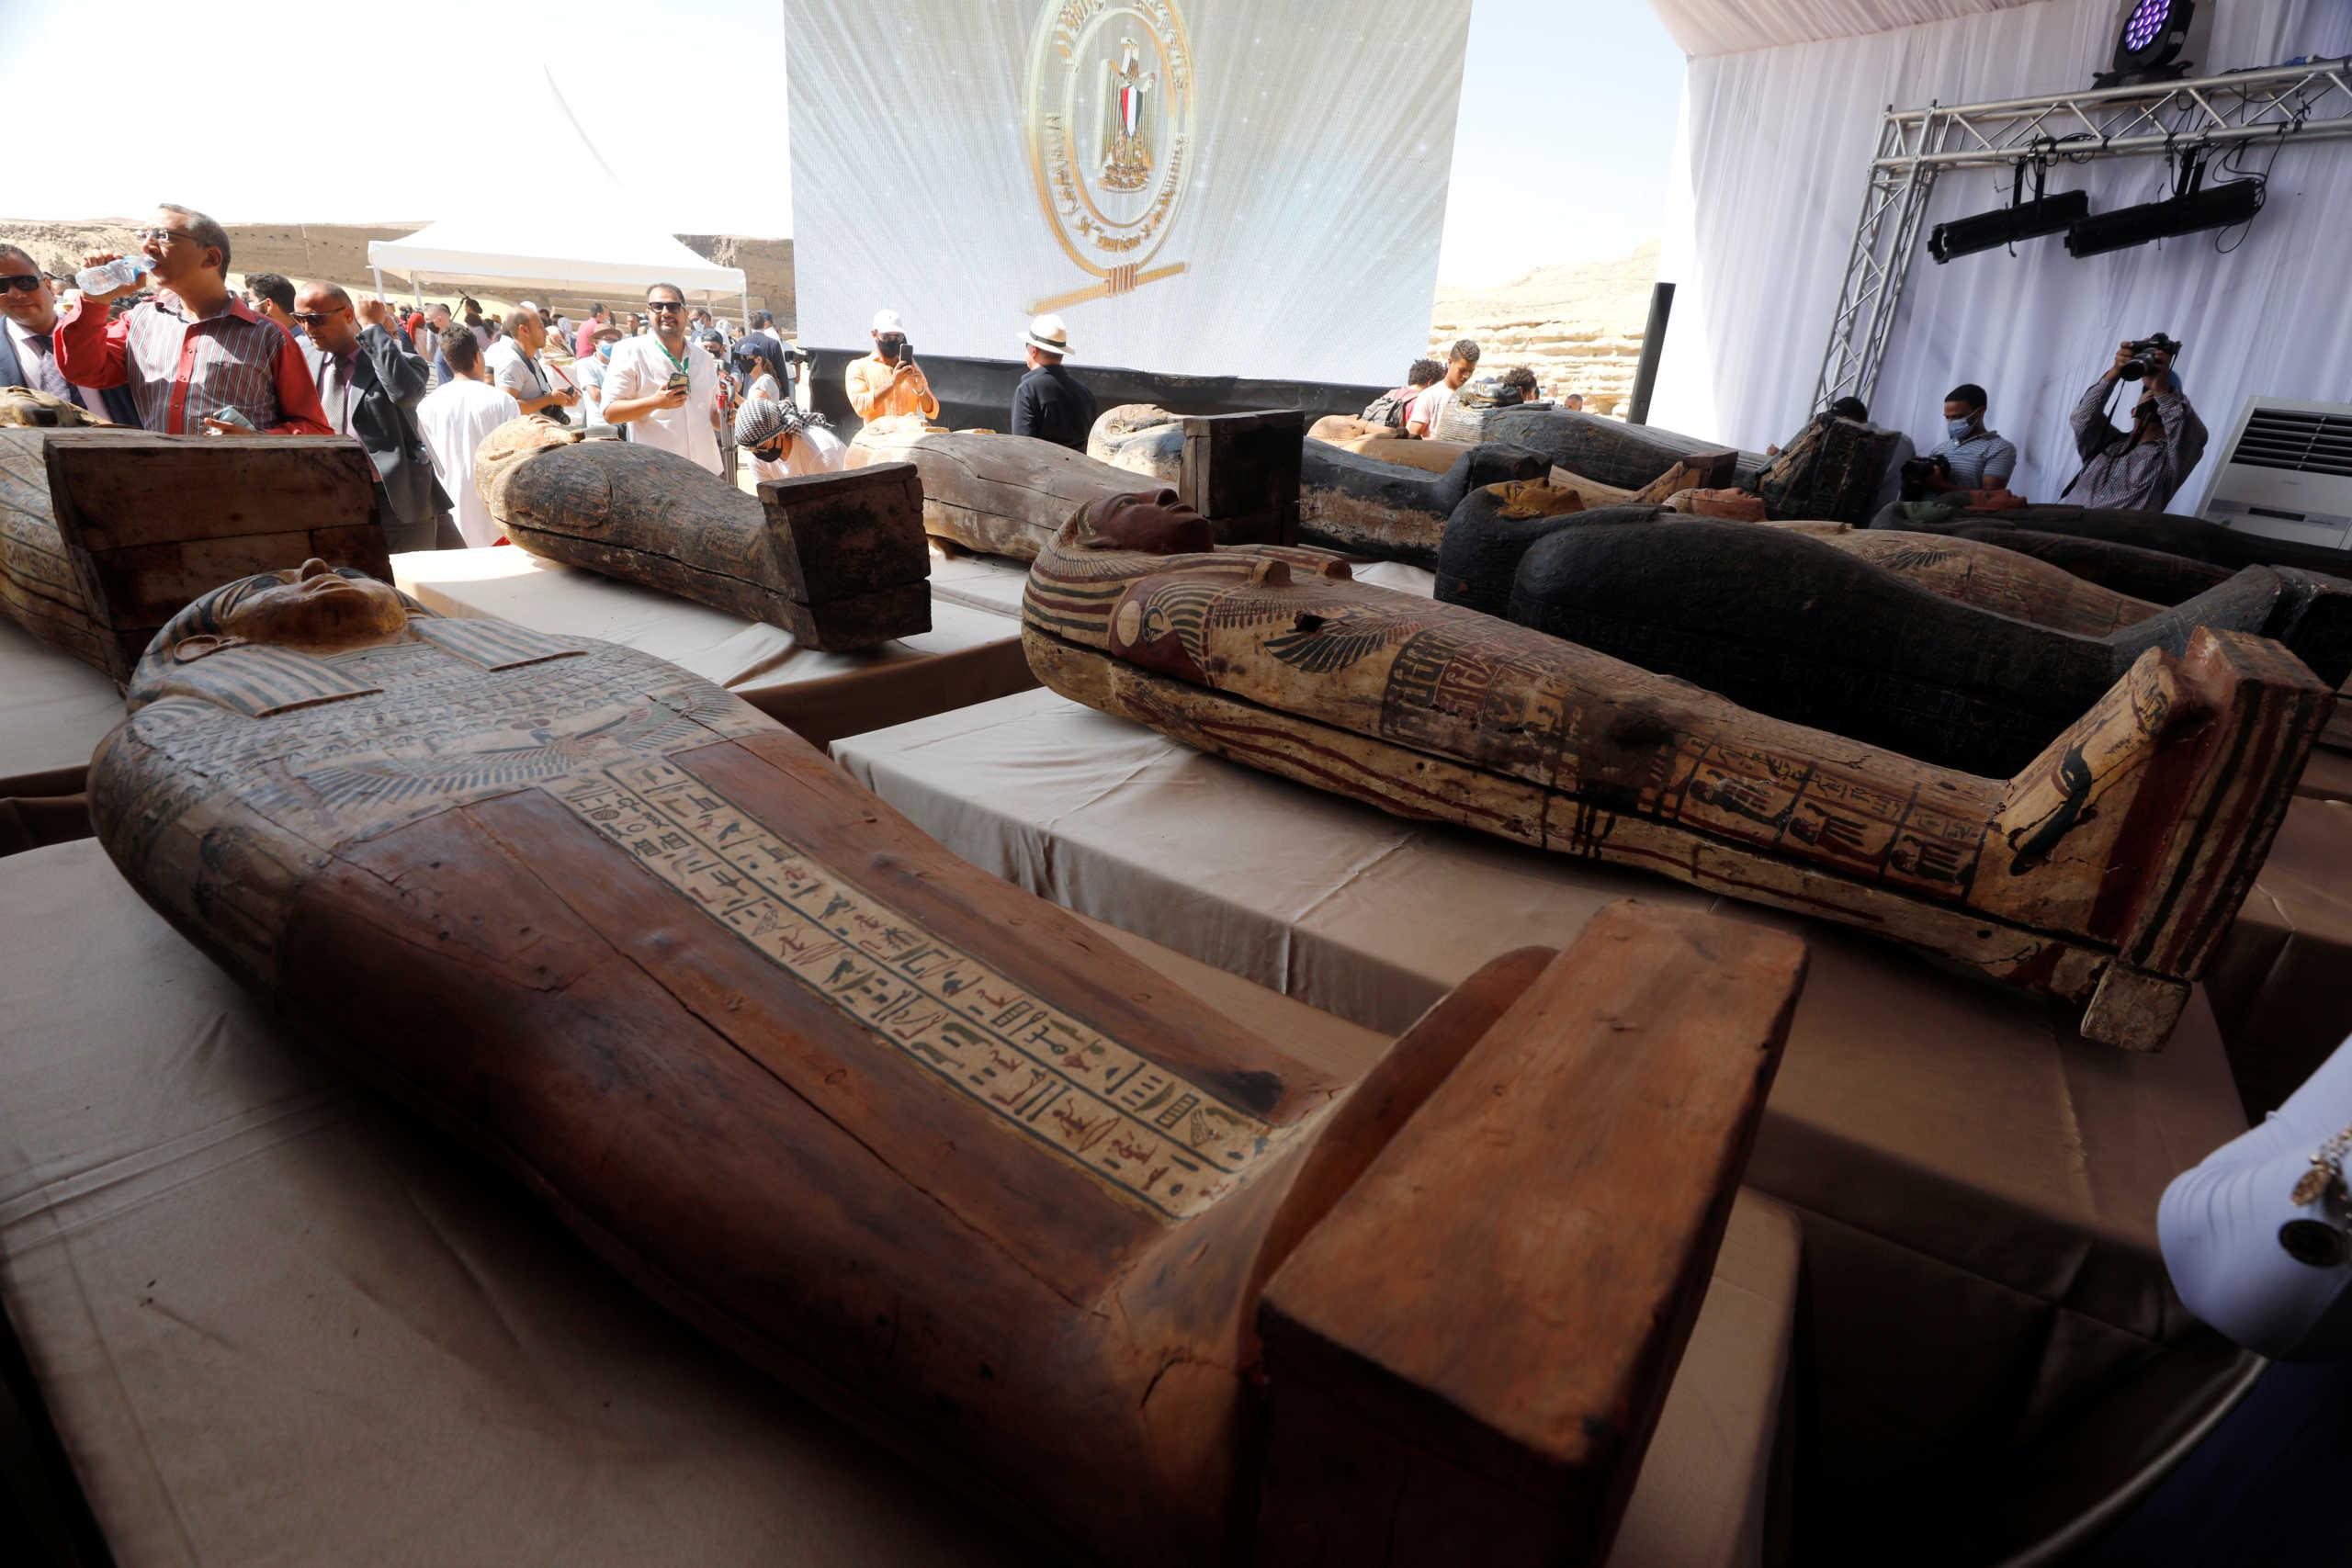 Αίγυπτος: Δέος! Ανακαλύφθηκαν 59 σαρκοφάγοι στη Νεκρόπολη της Σακκάρα (pics)